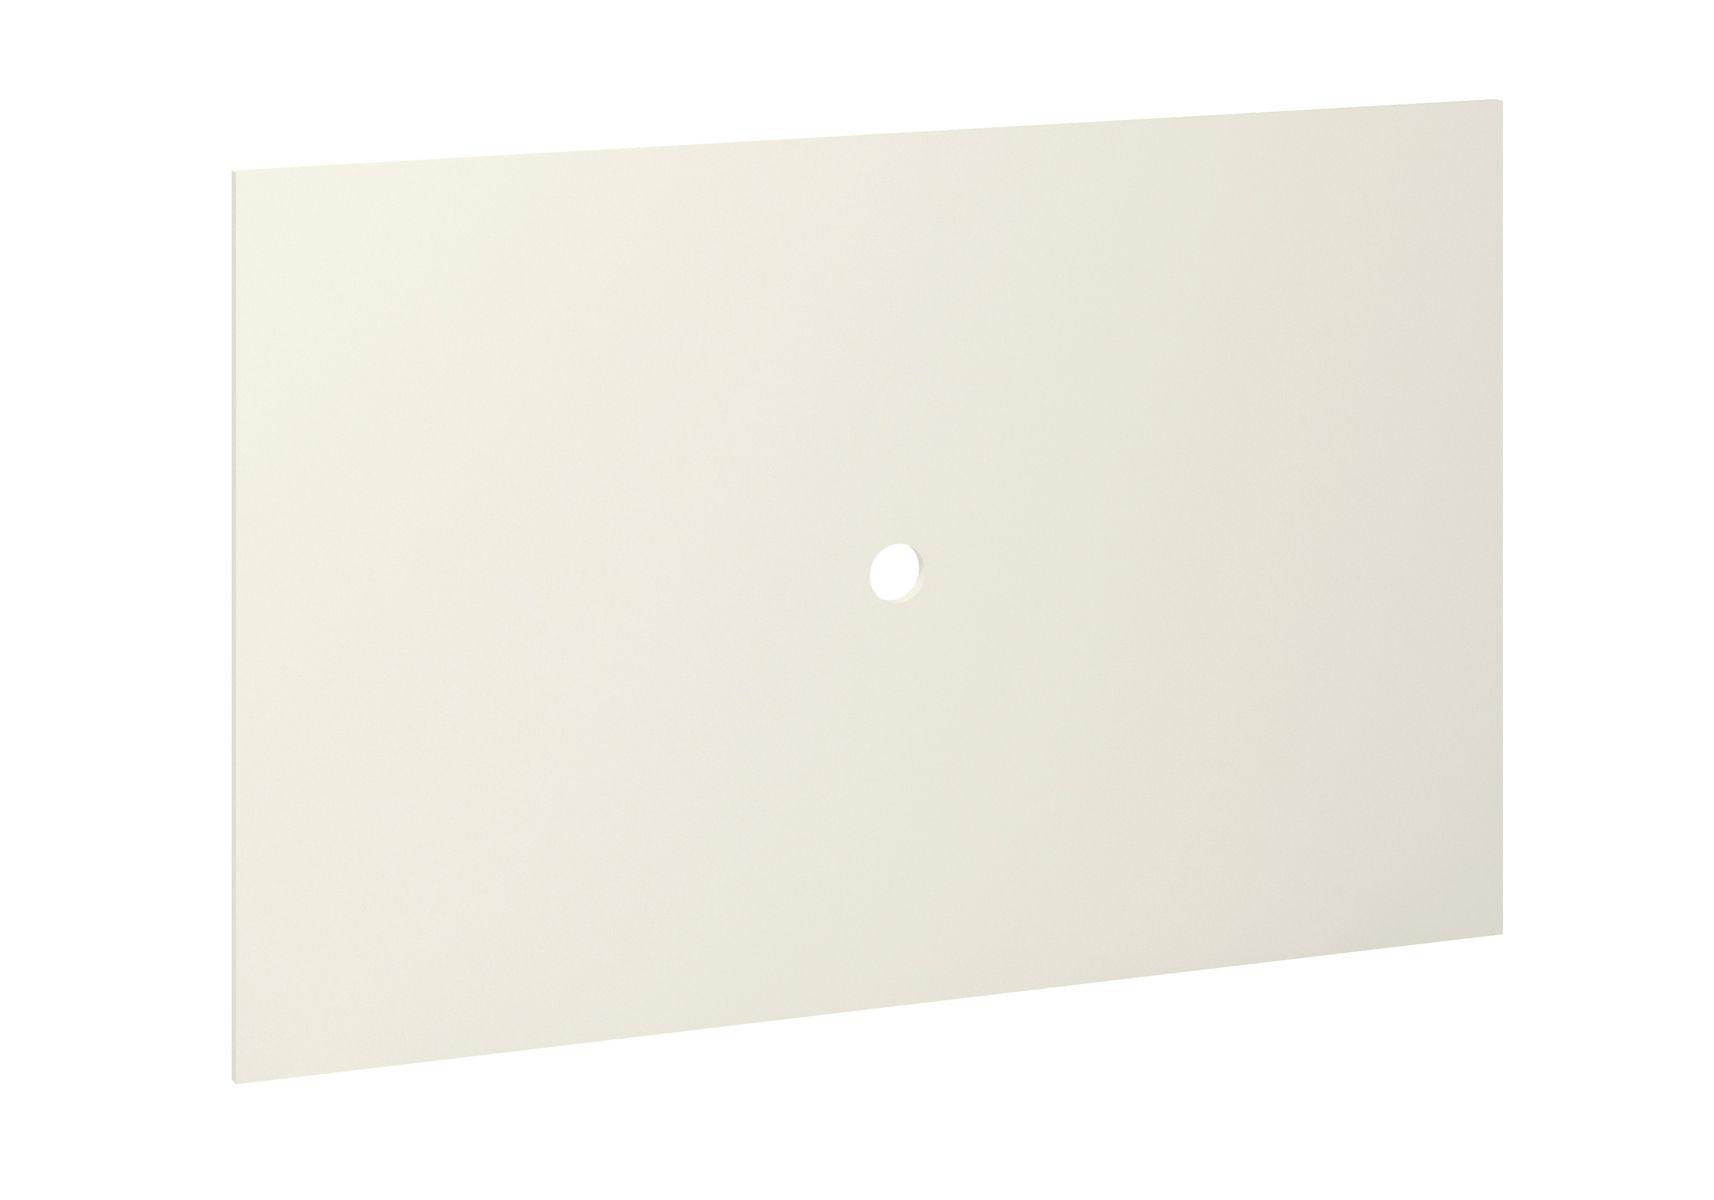 Painel de Parede para Tv Rubi no Tamanho (90 x 140cm) - Madeira Maciça - Cor Branco